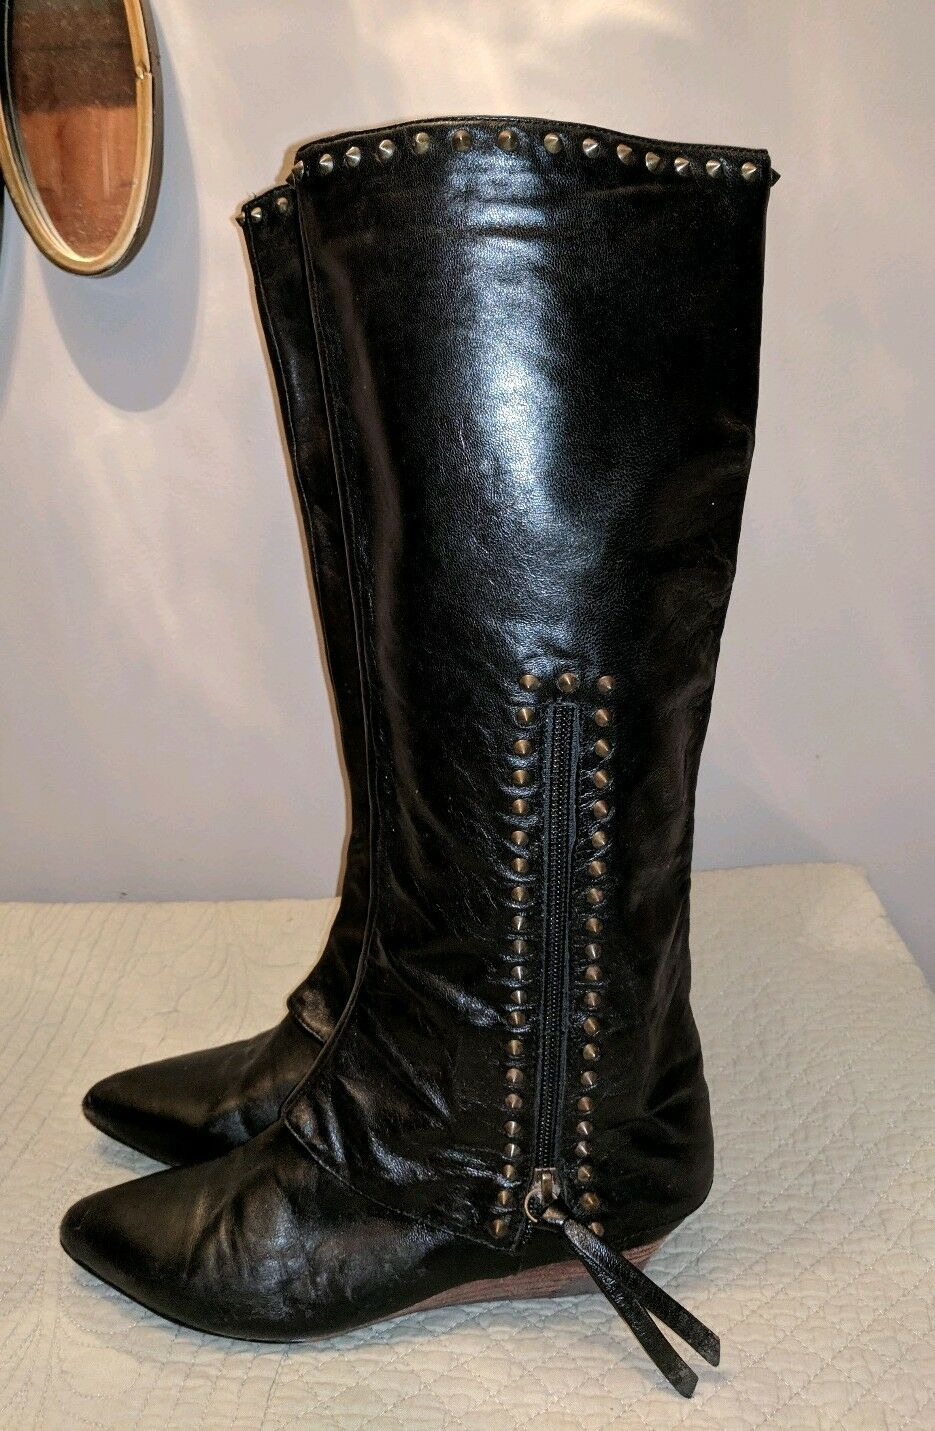 Boutique 9 De De De Cuero Negro Tachonado botas Motorista Equitación Alto Damas 5.5 PINCHOS GOTH  moda